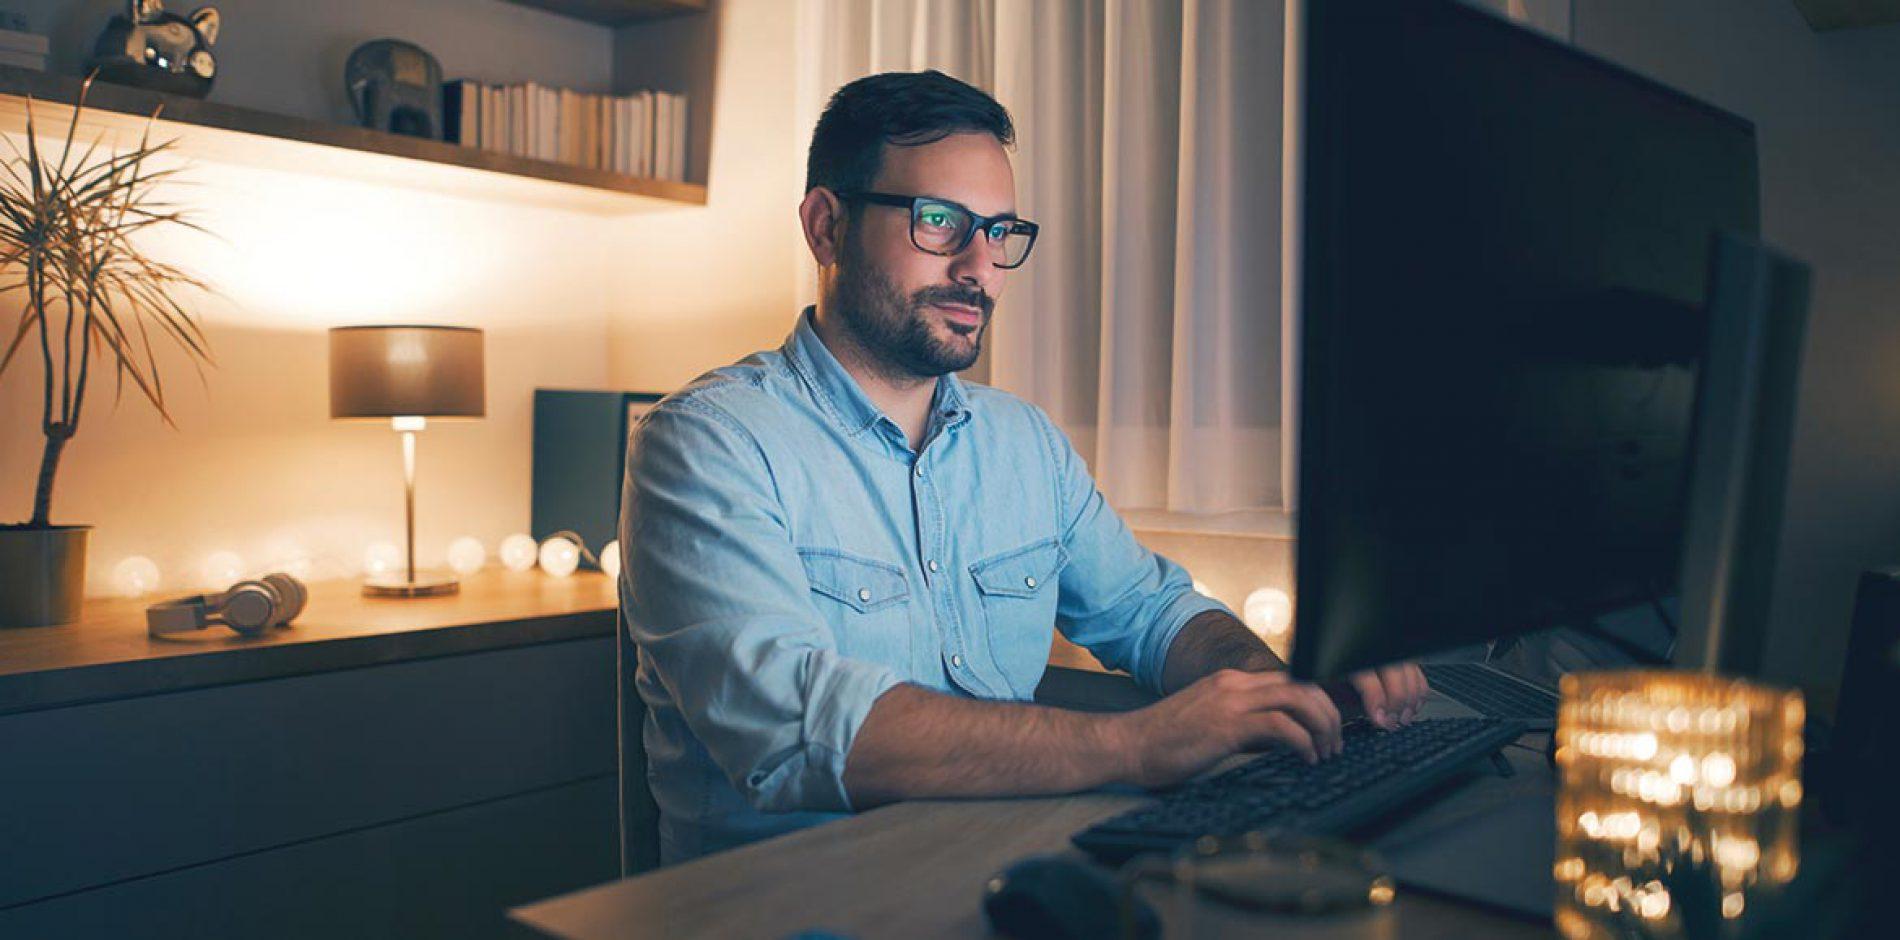 Smart working: prosegue la modalità di lavoro agile